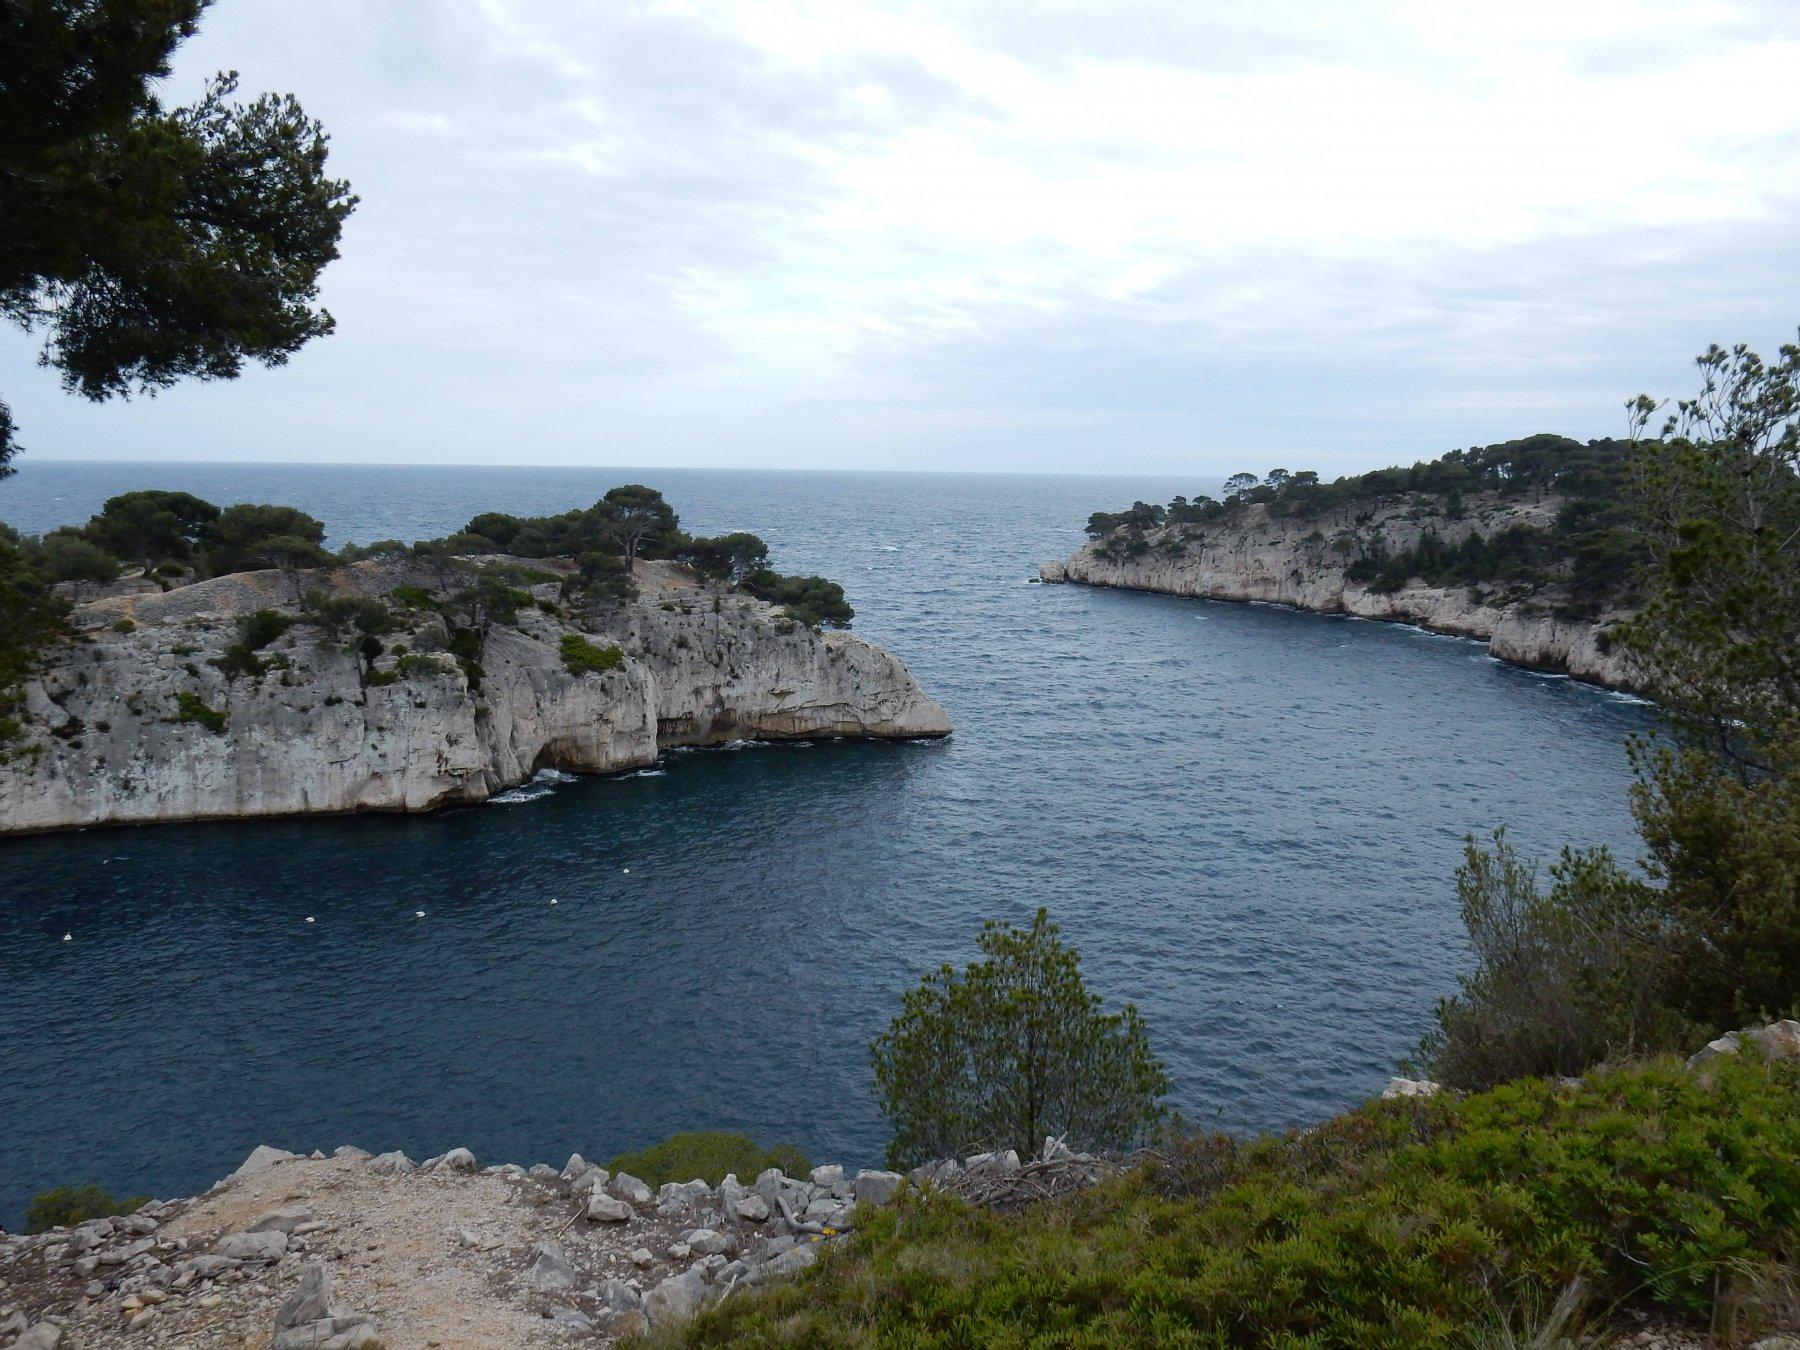 Calanque de Port Miou.